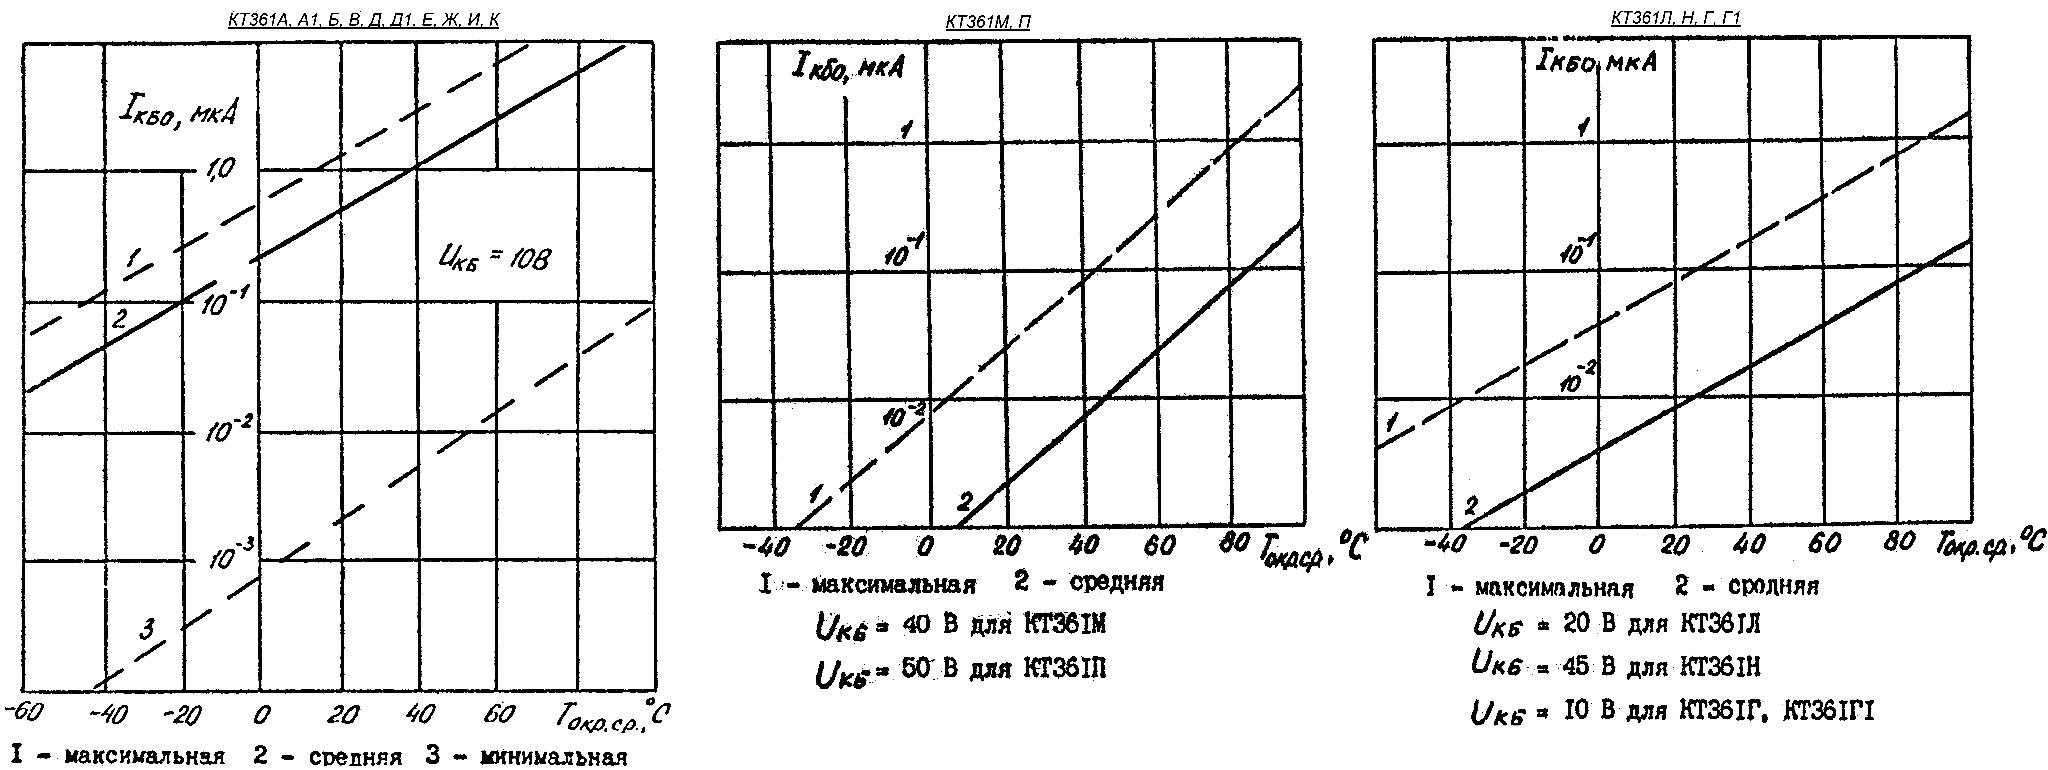 Зависимость обратного тока коллектора транзисторов КТ361 от температуры окружающей среды с границами 95% разброса